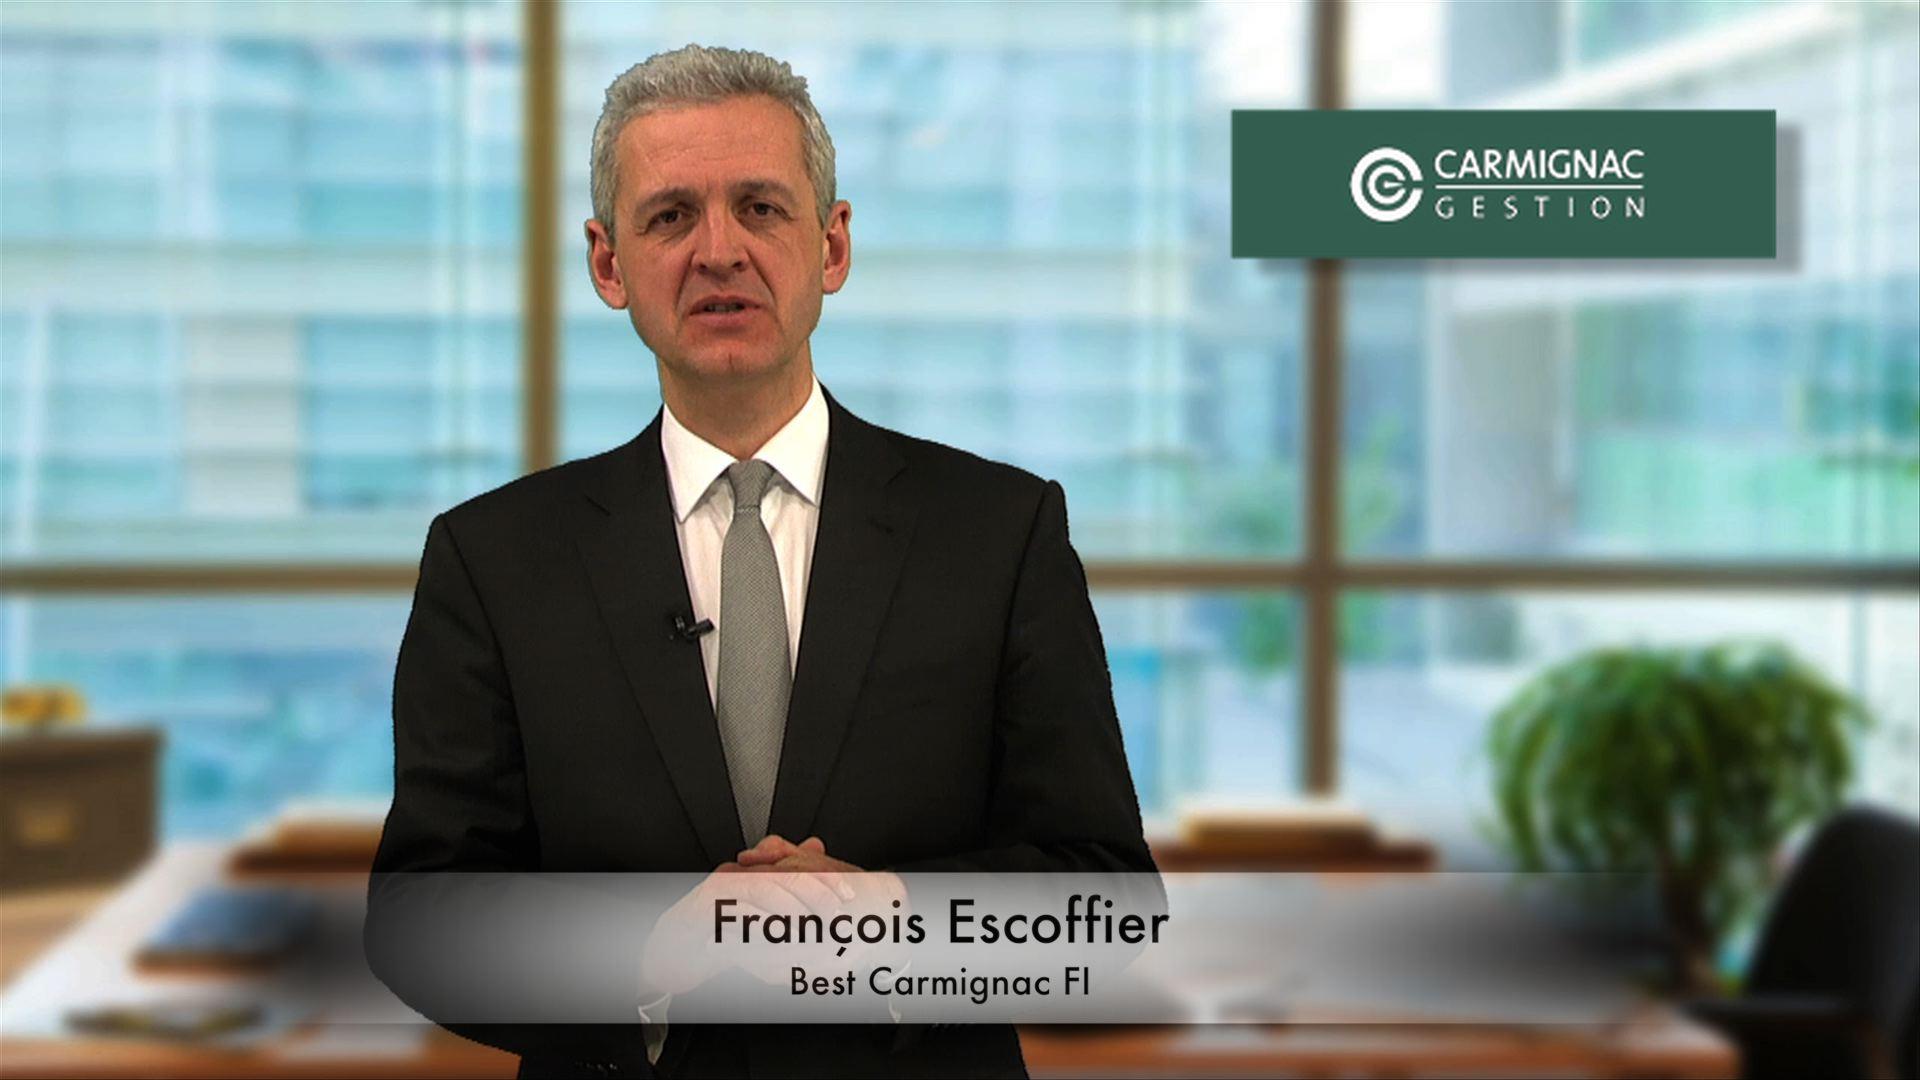 François Escoffier (Carmignac): «2013 ha sido un año de retos, con una buena gestión de la volatilidad»